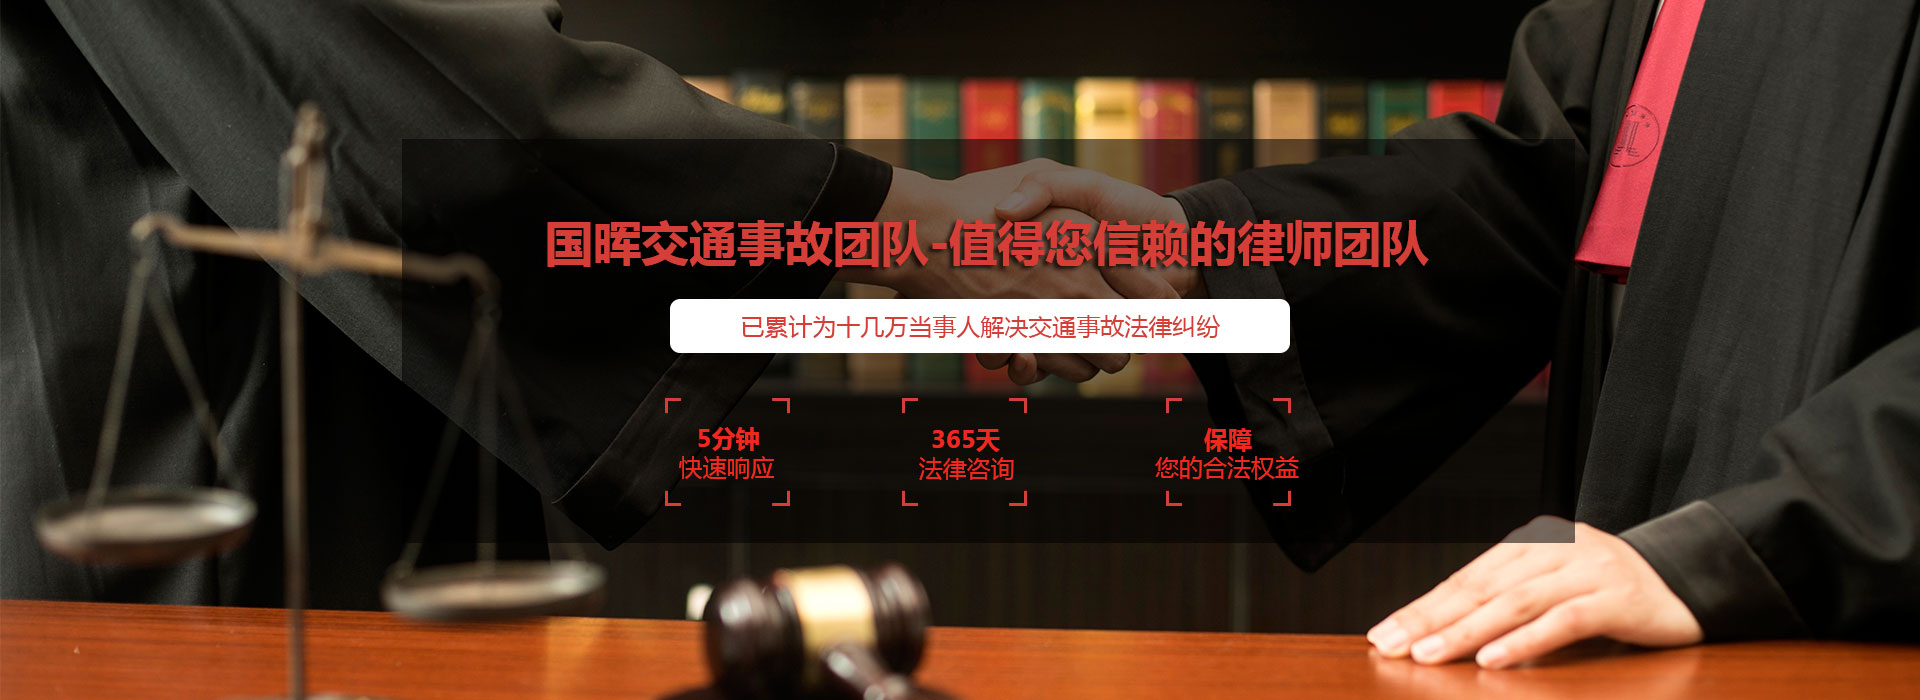 广东国晖(北京)律师事务所交通事故律师团队